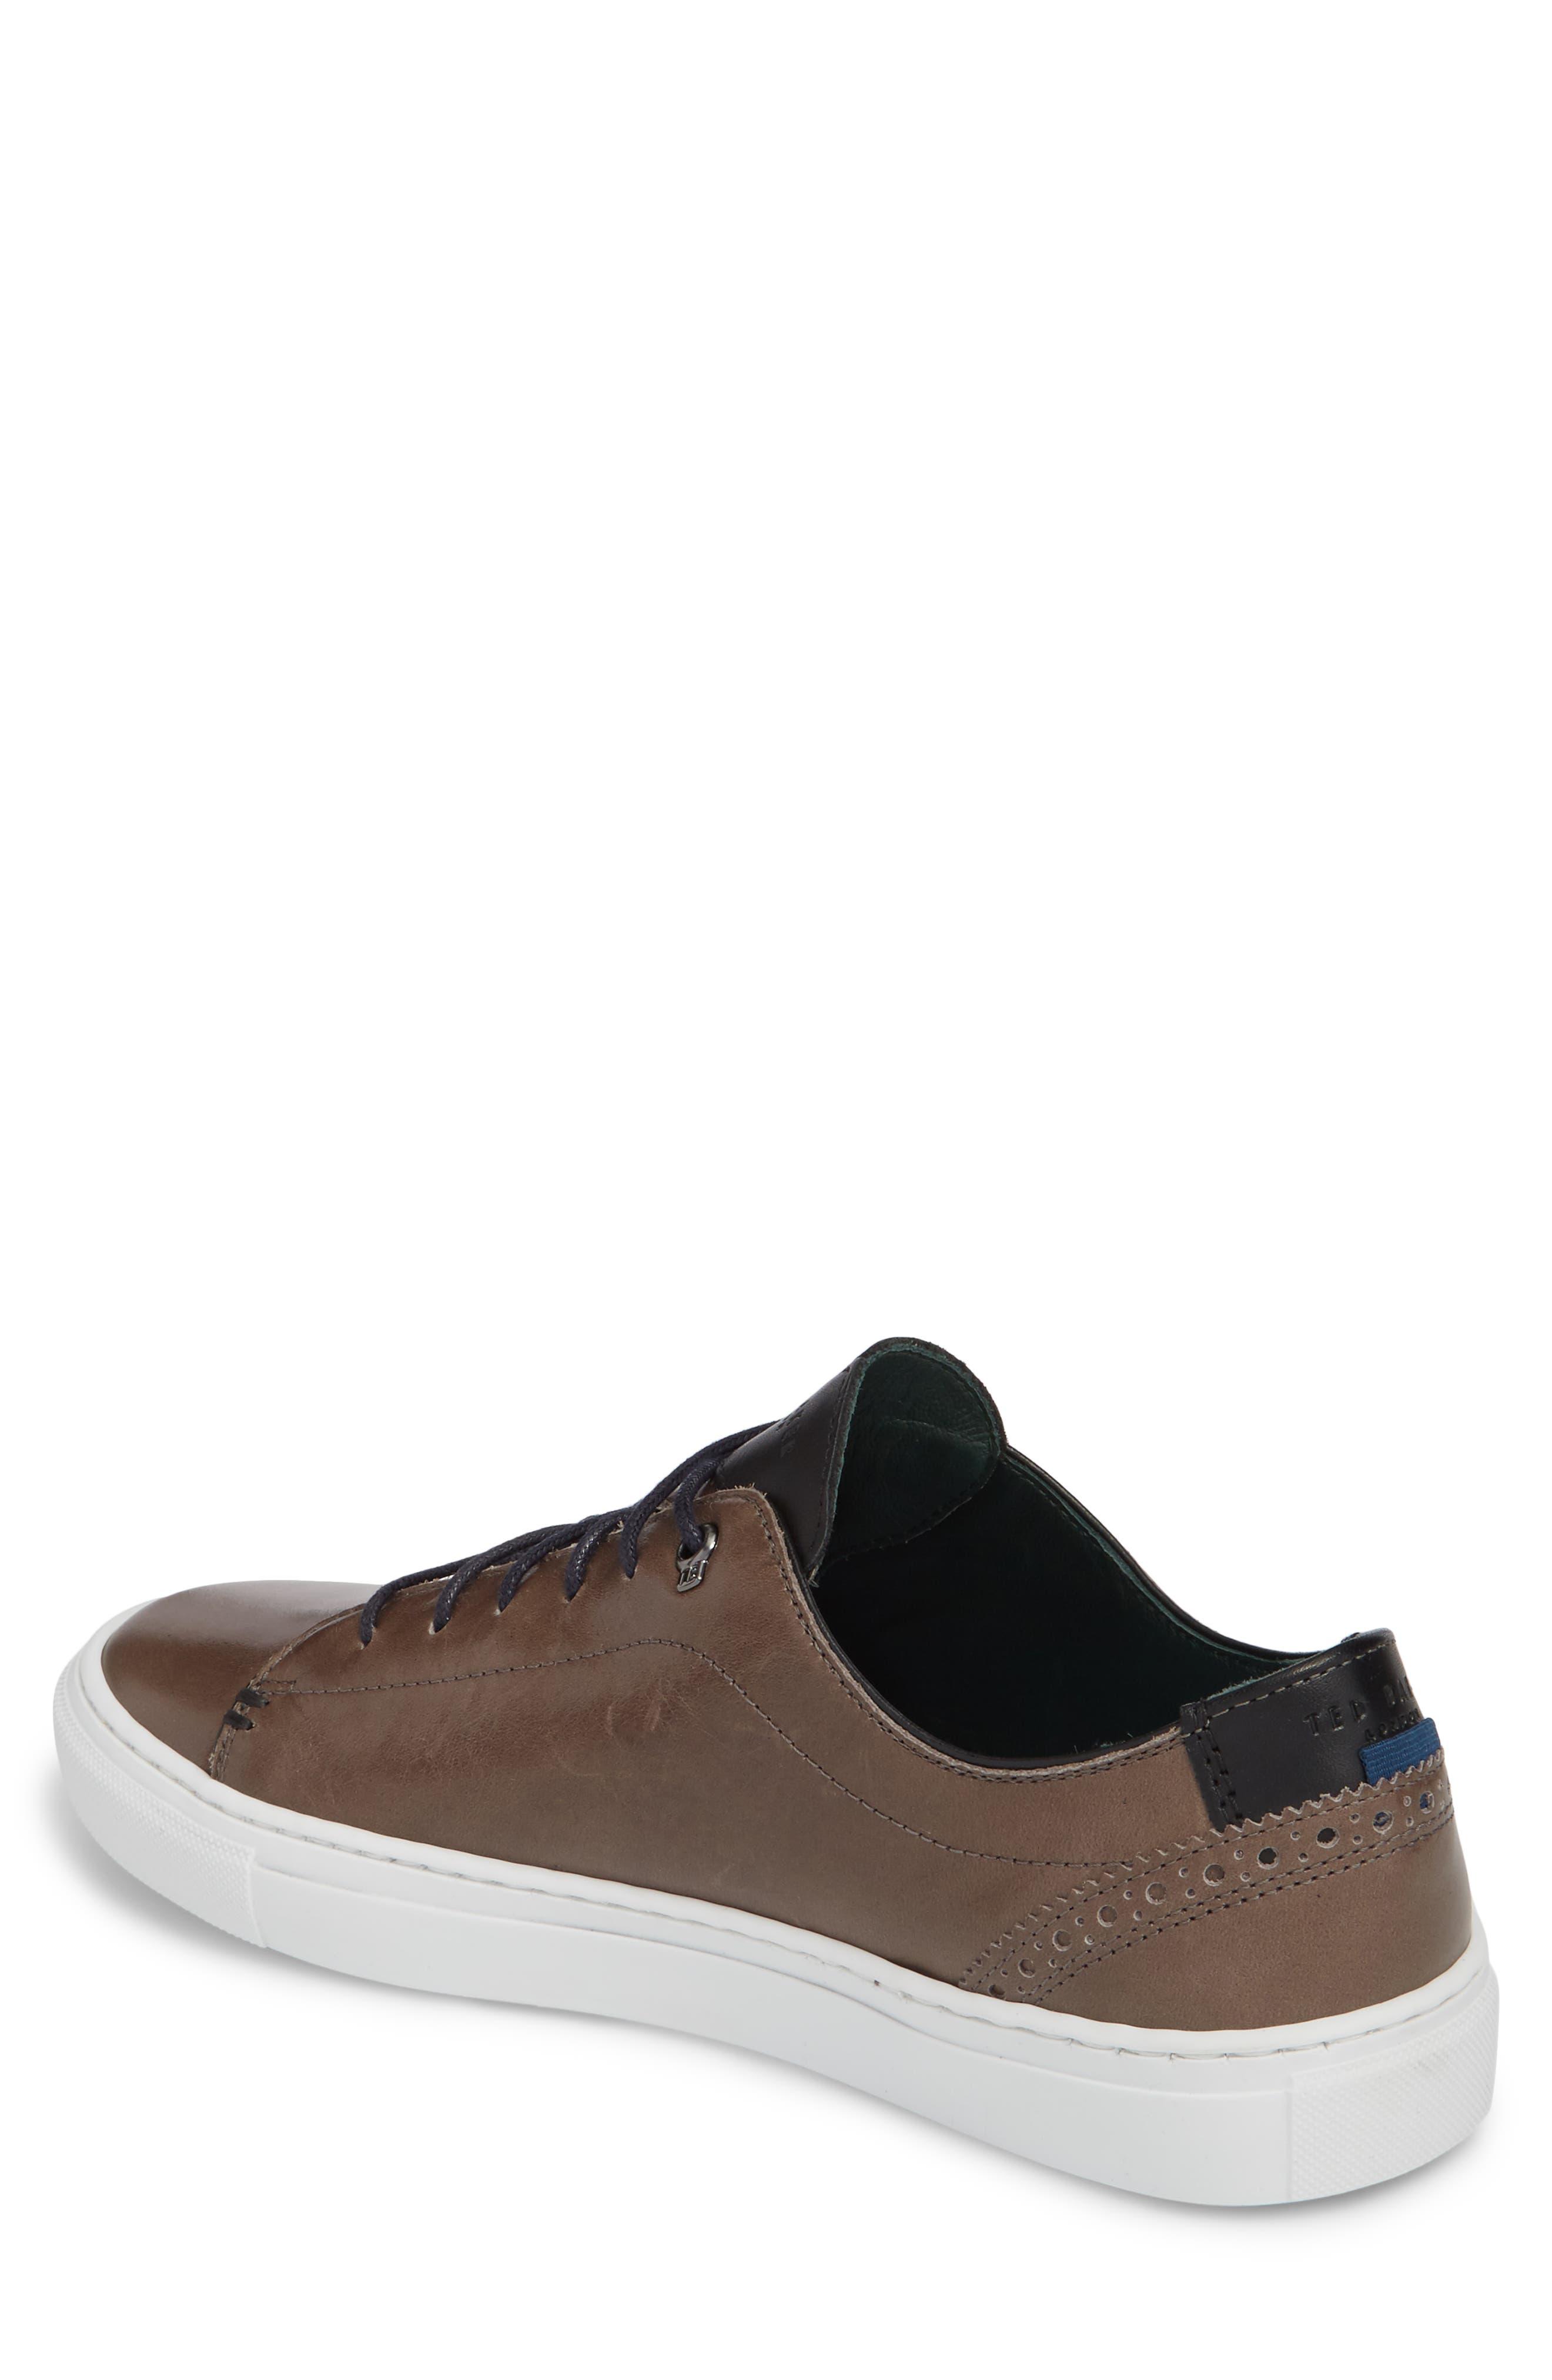 Alternate Image 2  - Ted Baker London Duuke 2 Sneaker (Men)